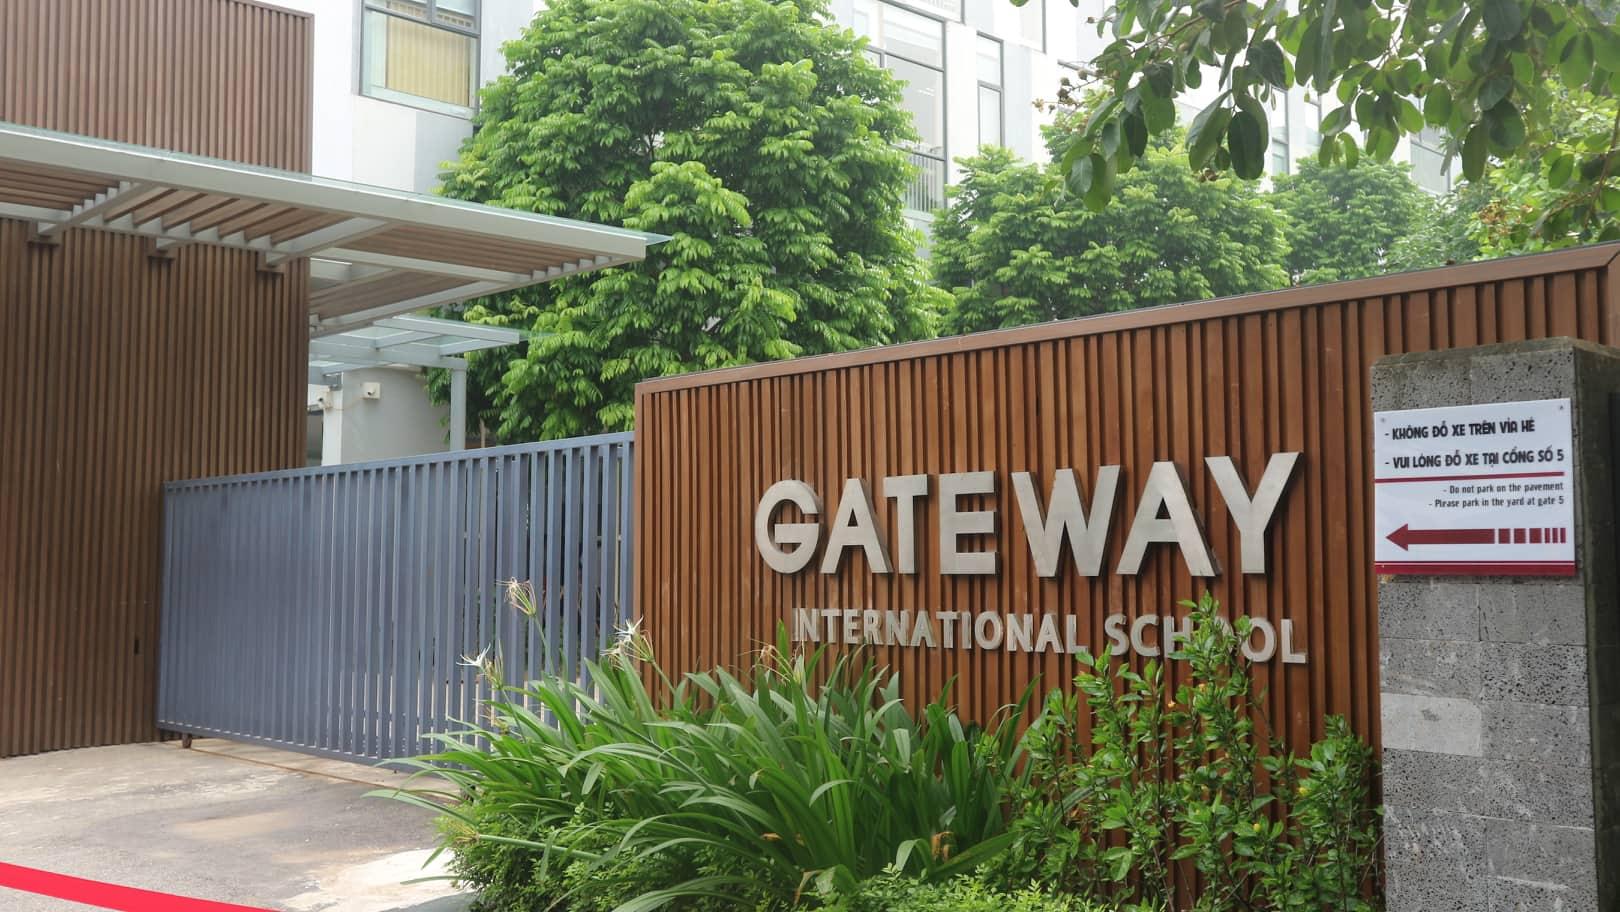 Vụ học sinh lớp 1 trường Gateway tử vong : Bộ GD-ĐT chỉ đạo tăng cường các giải pháp đảm bảo an toàn - Ảnh 1